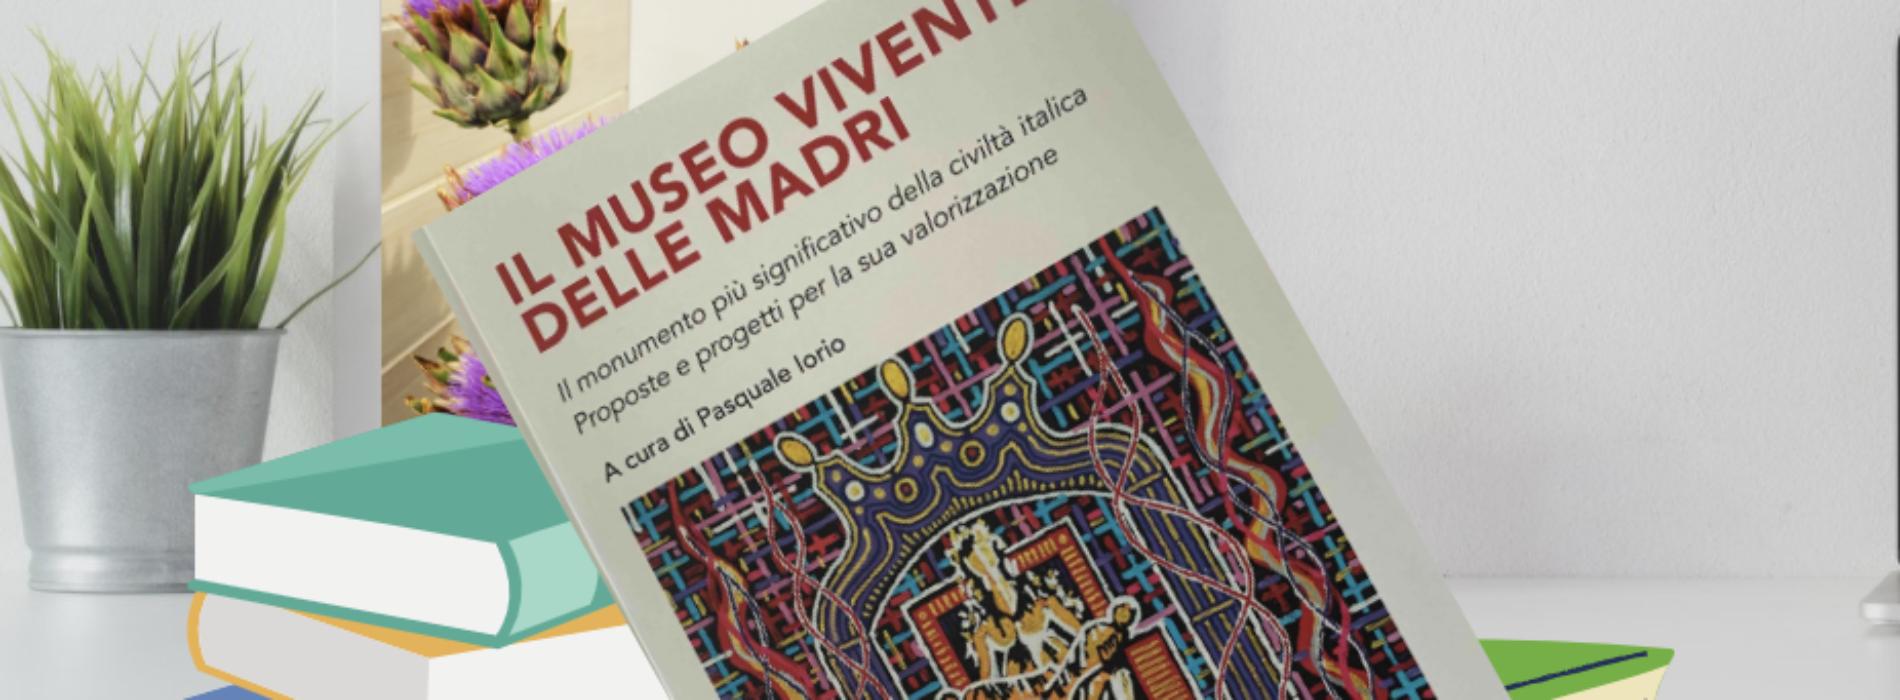 Il Museo Vivente delle Madri, raccolta a cura di Pasquale Iorio